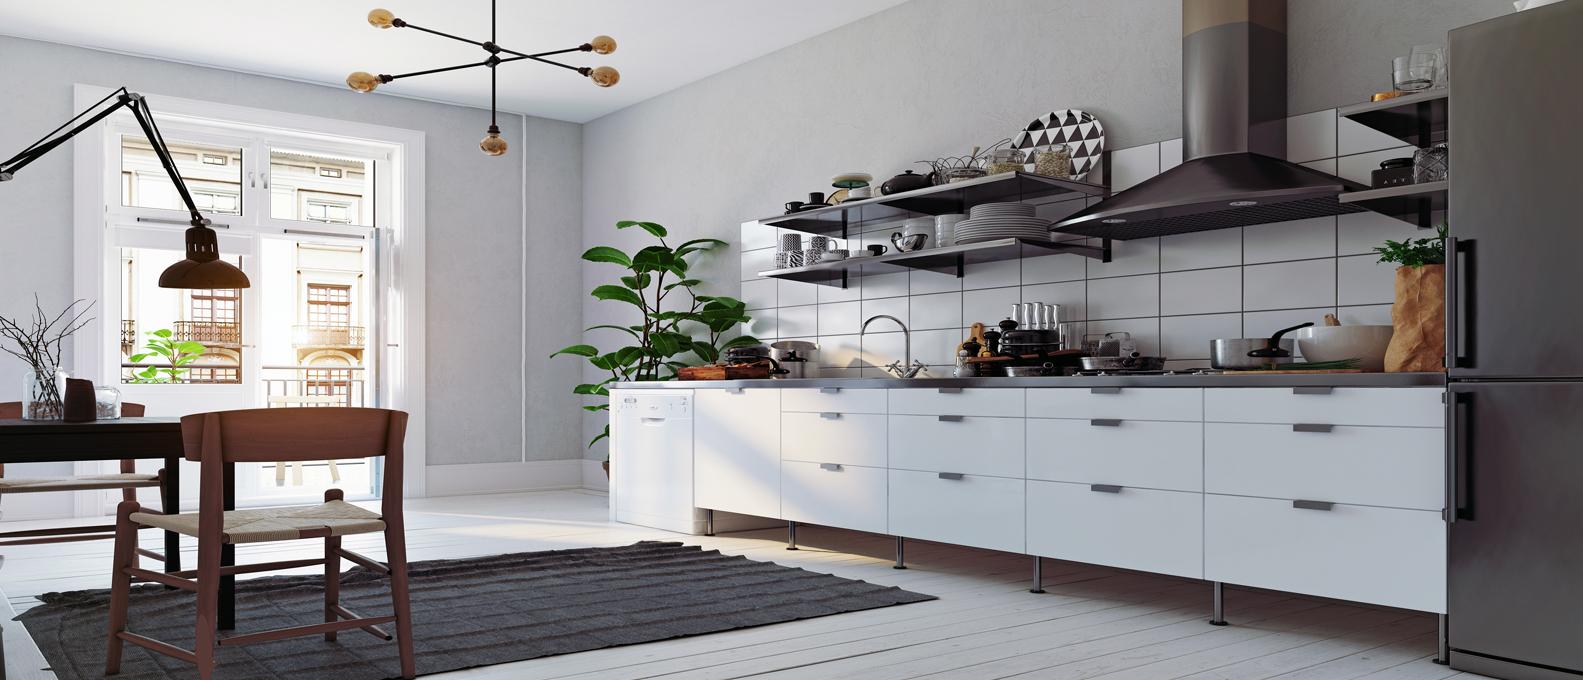 Redecora tu cocina